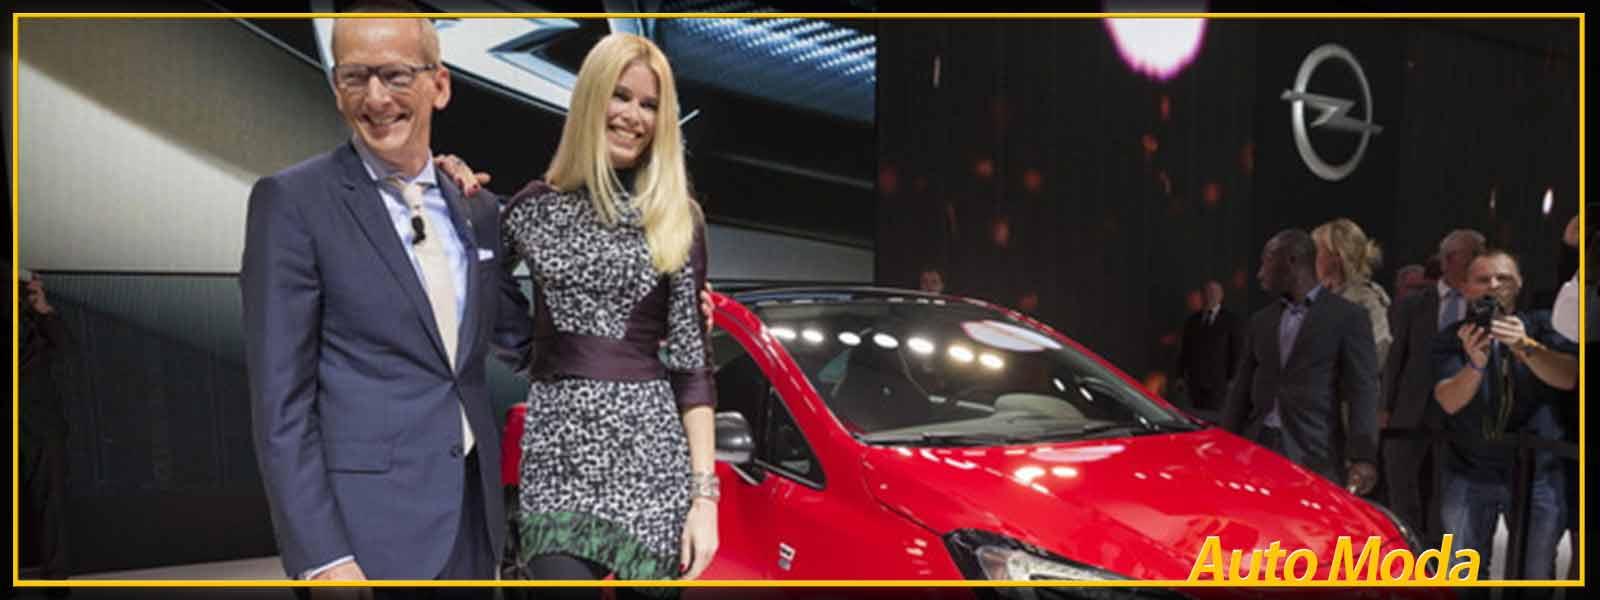 Claudia-Schiffer-testimonial-Opel-Corsa_horizontal_lancio_sezione_grande_doppio